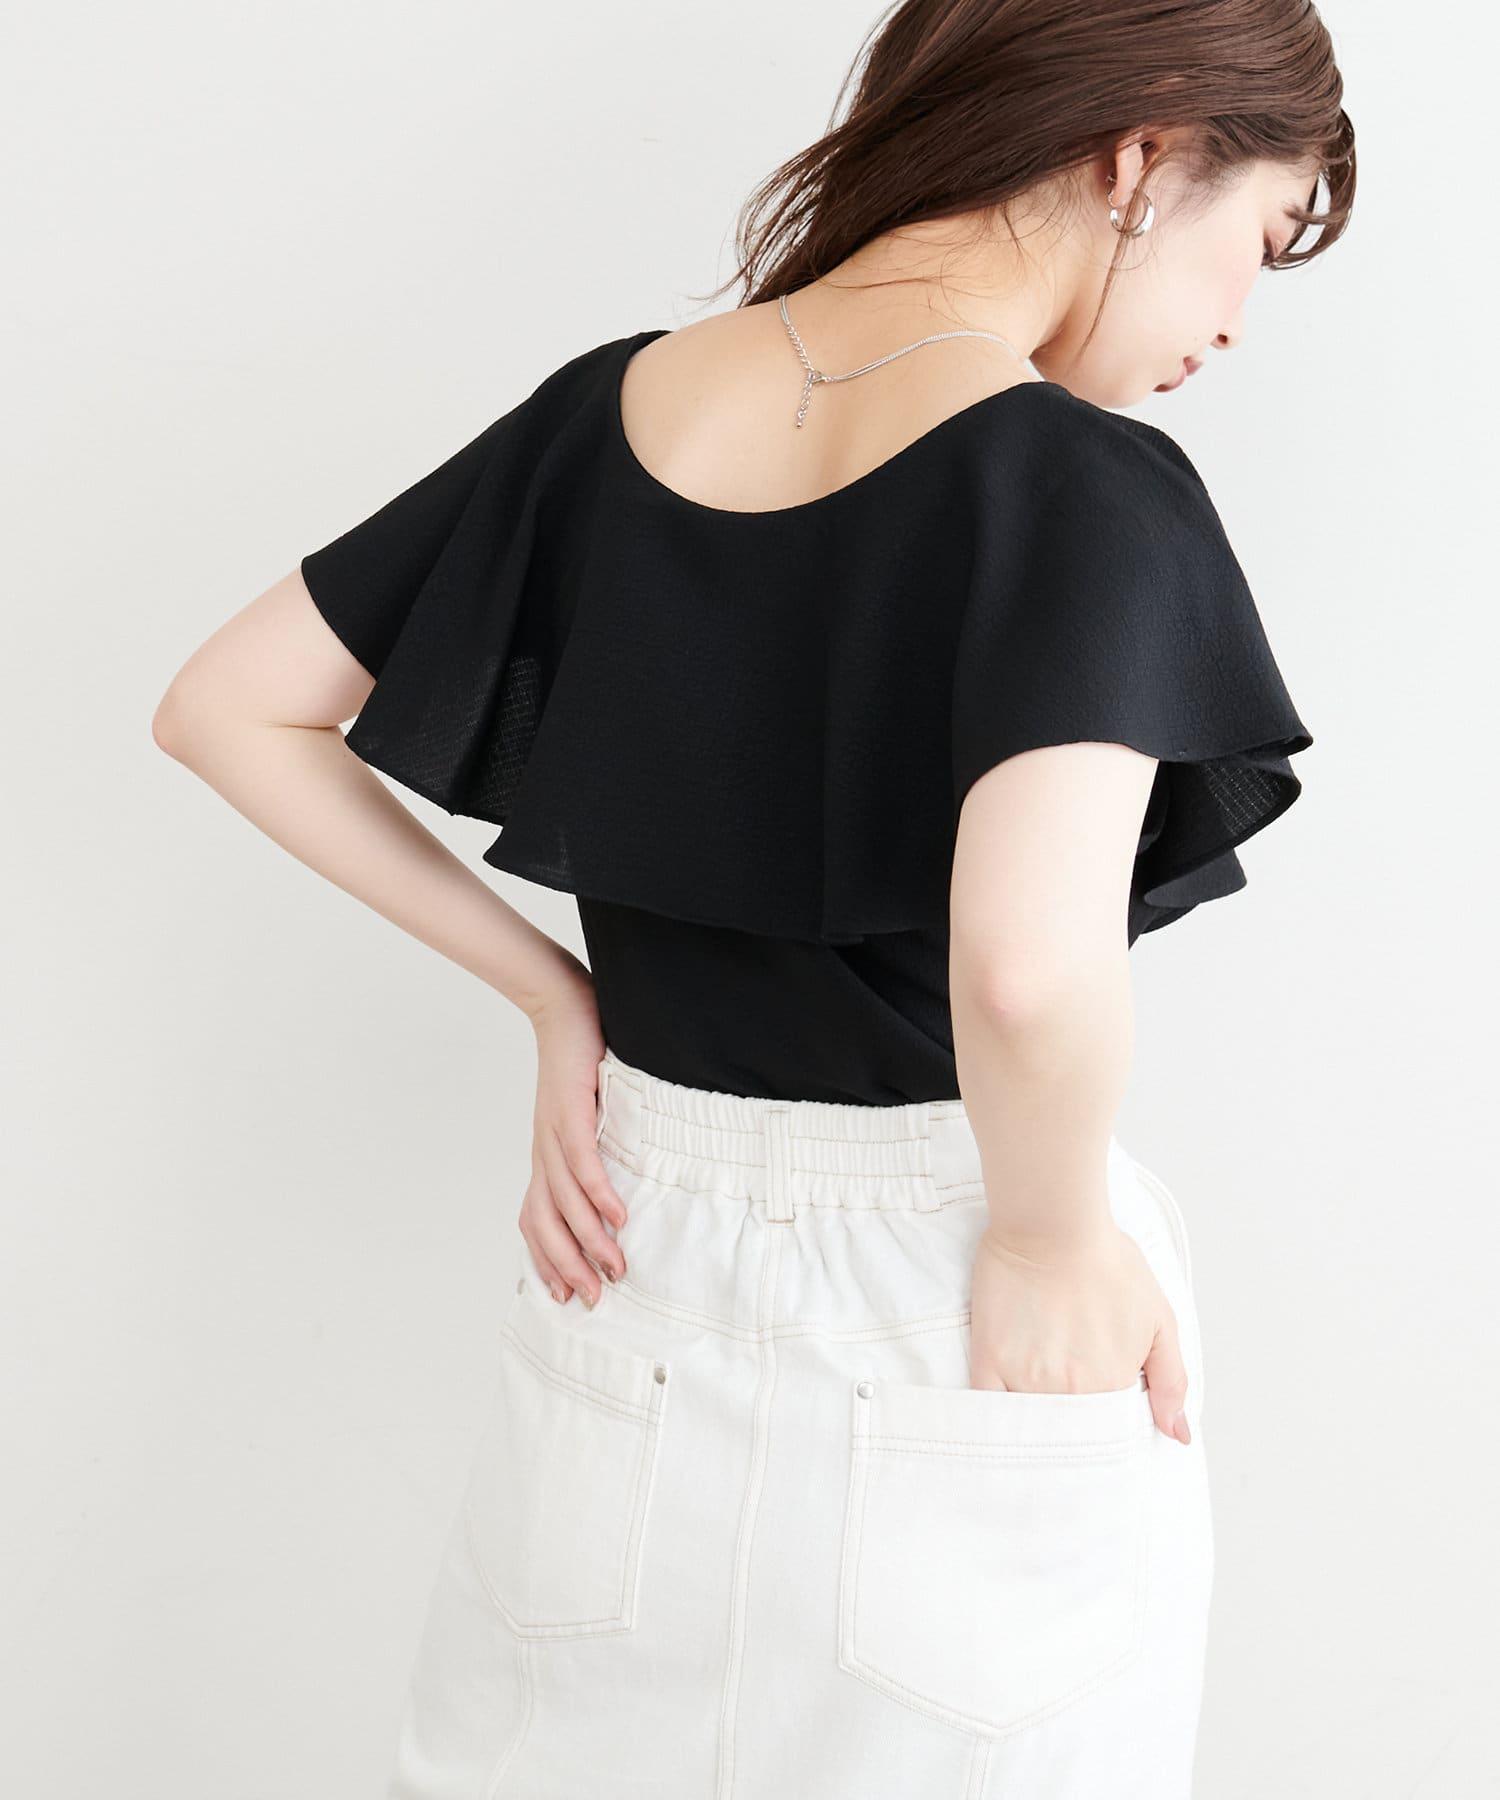 natural couture(ナチュラルクチュール) 【WEB限定カラー有り】前後2WAYフリルネックブラウス